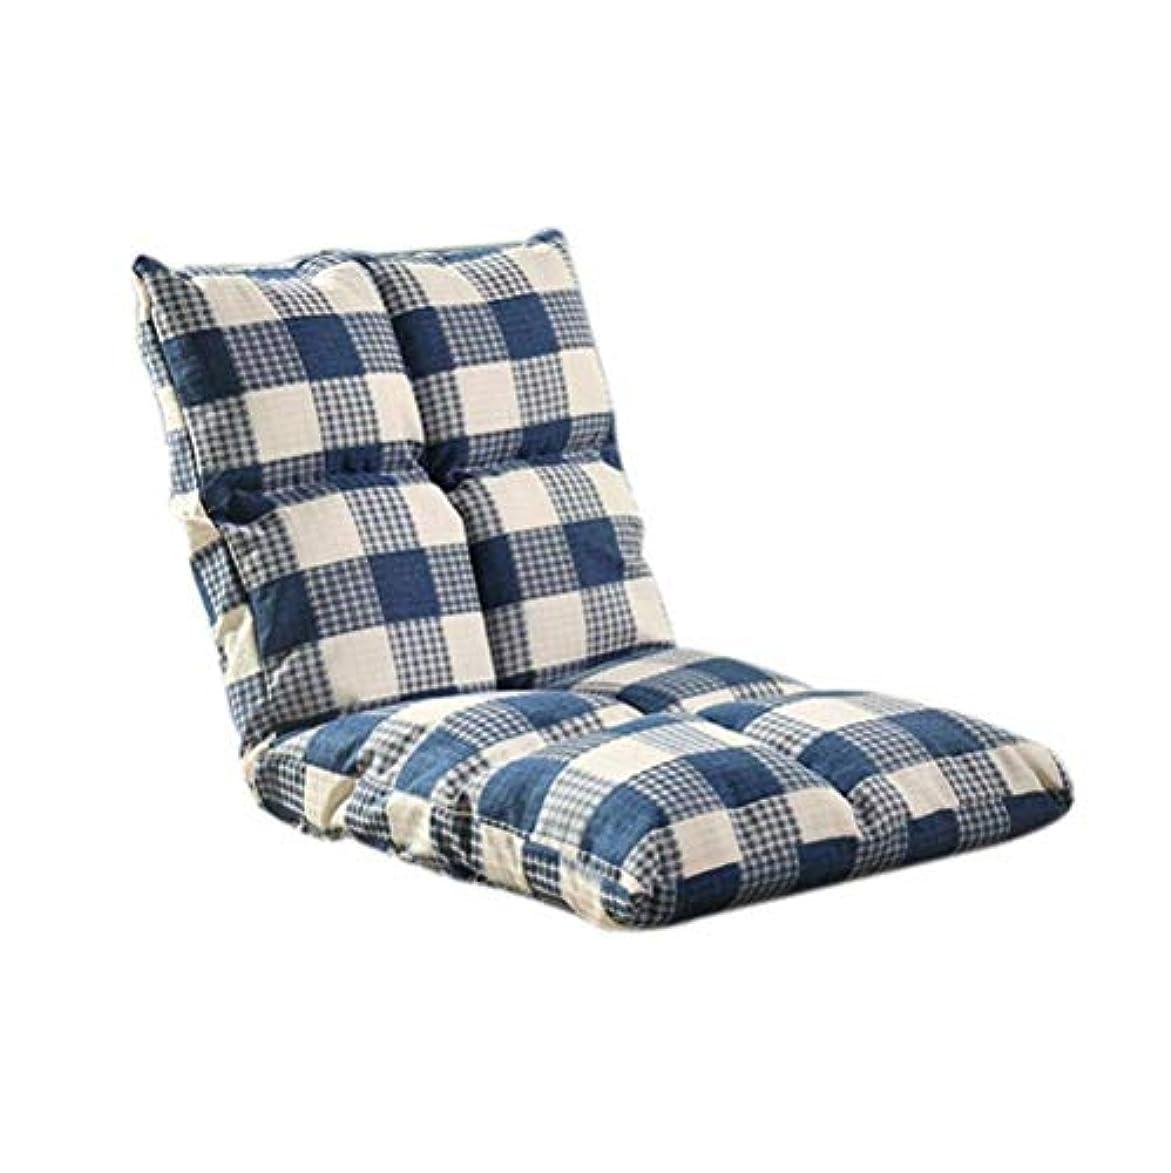 成功したハイキングダンプ瞑想椅子、折りたたみ椅子、調節可能な椅子、畳シングルチェア、背もたれ付きのベッドルームベイウィンドウ日本の椅子、怠zyなソファゲームチェア (Color : 濃紺)